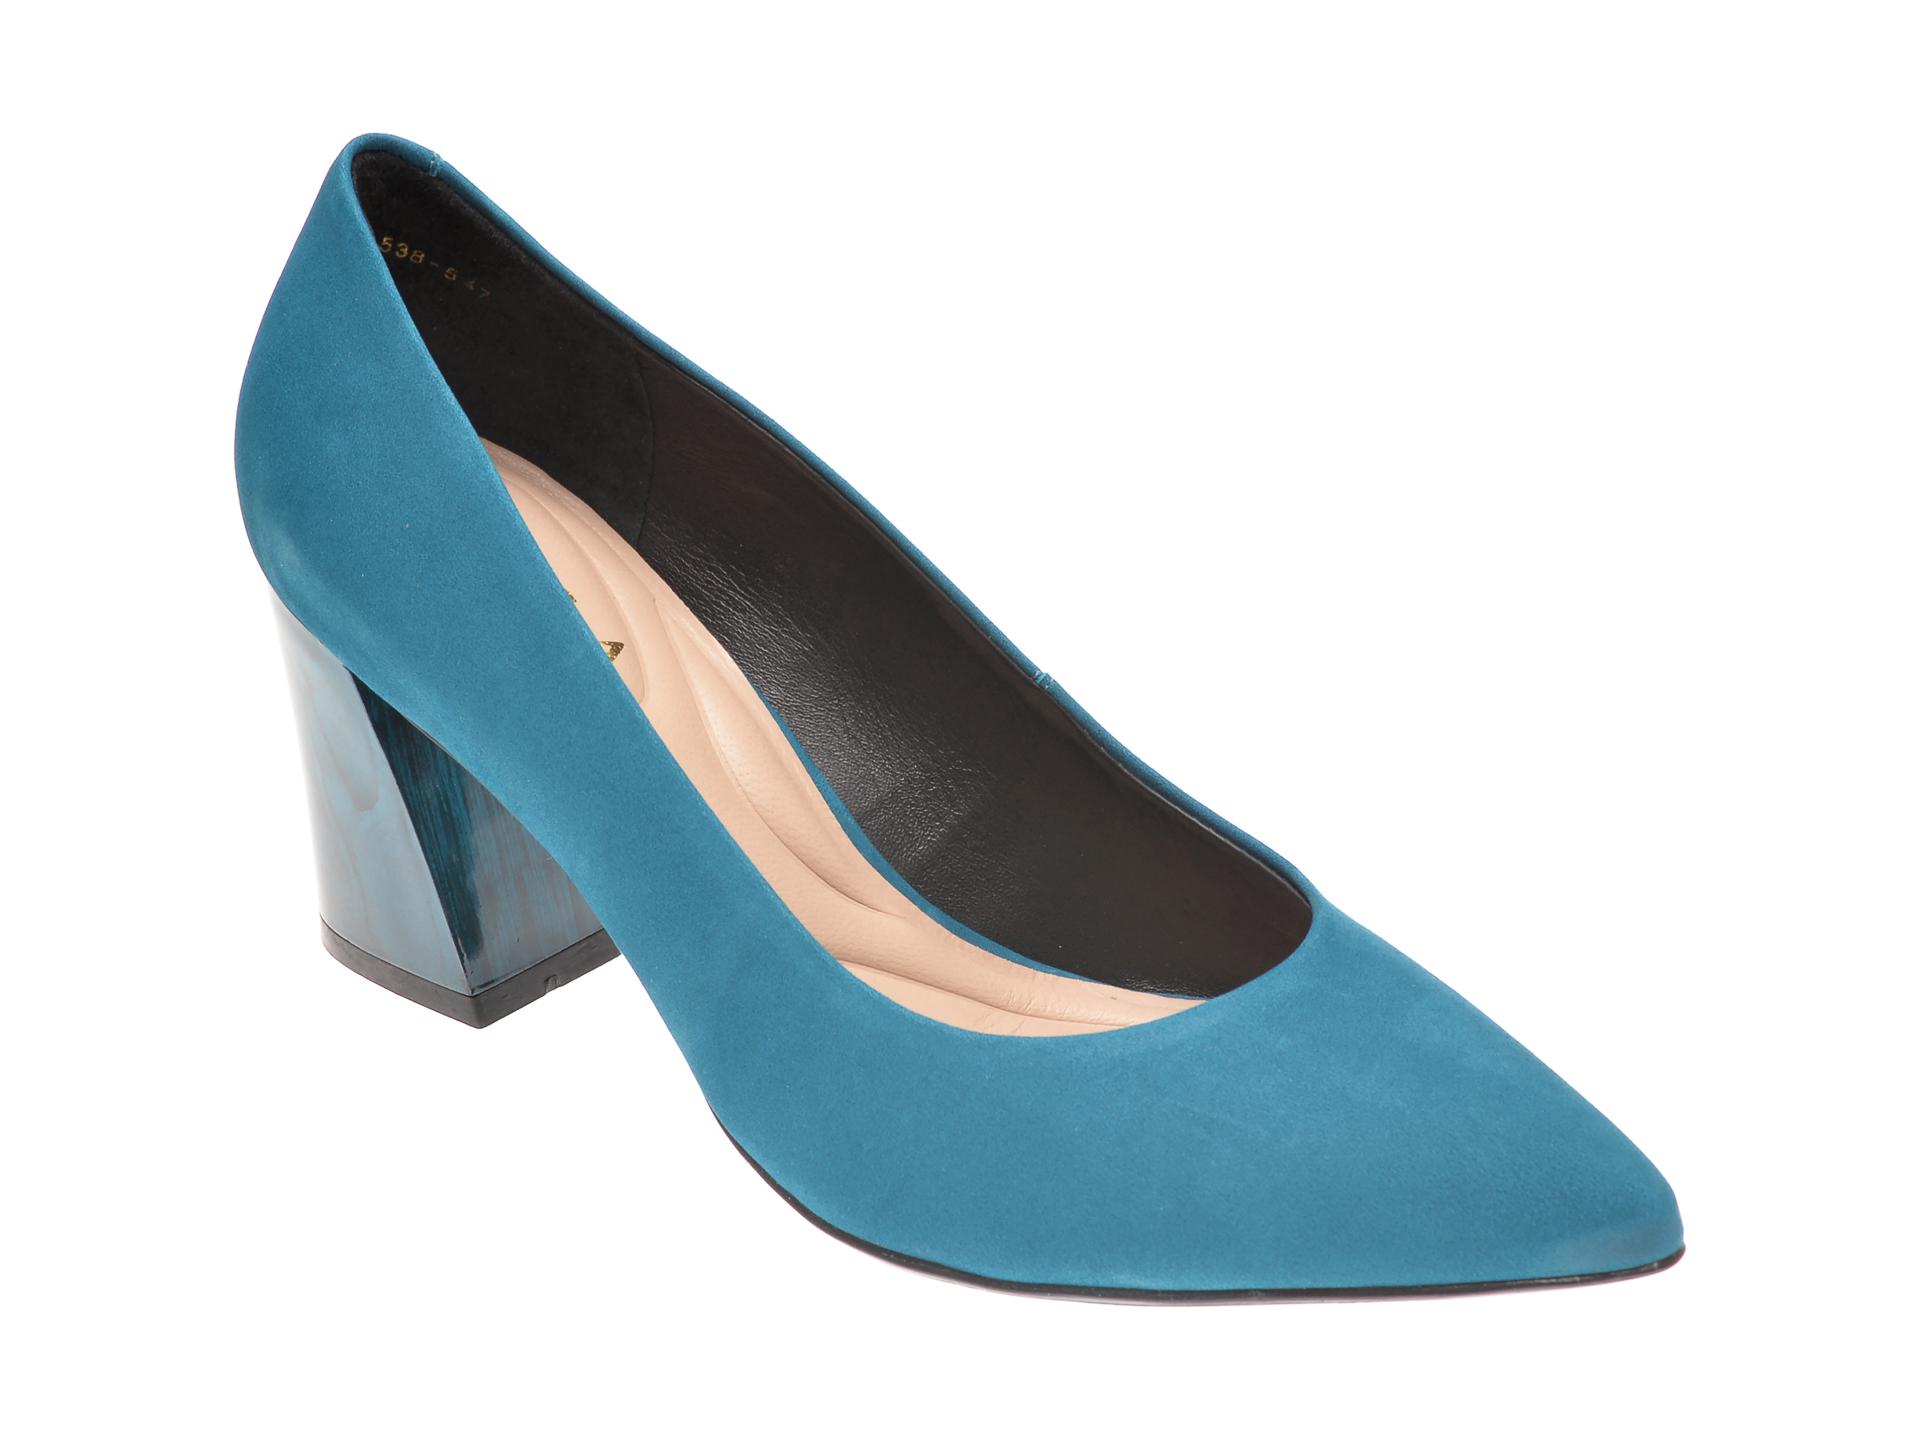 Pantofi EPICA albastri, 9288538, din nabuc imagine otter.ro